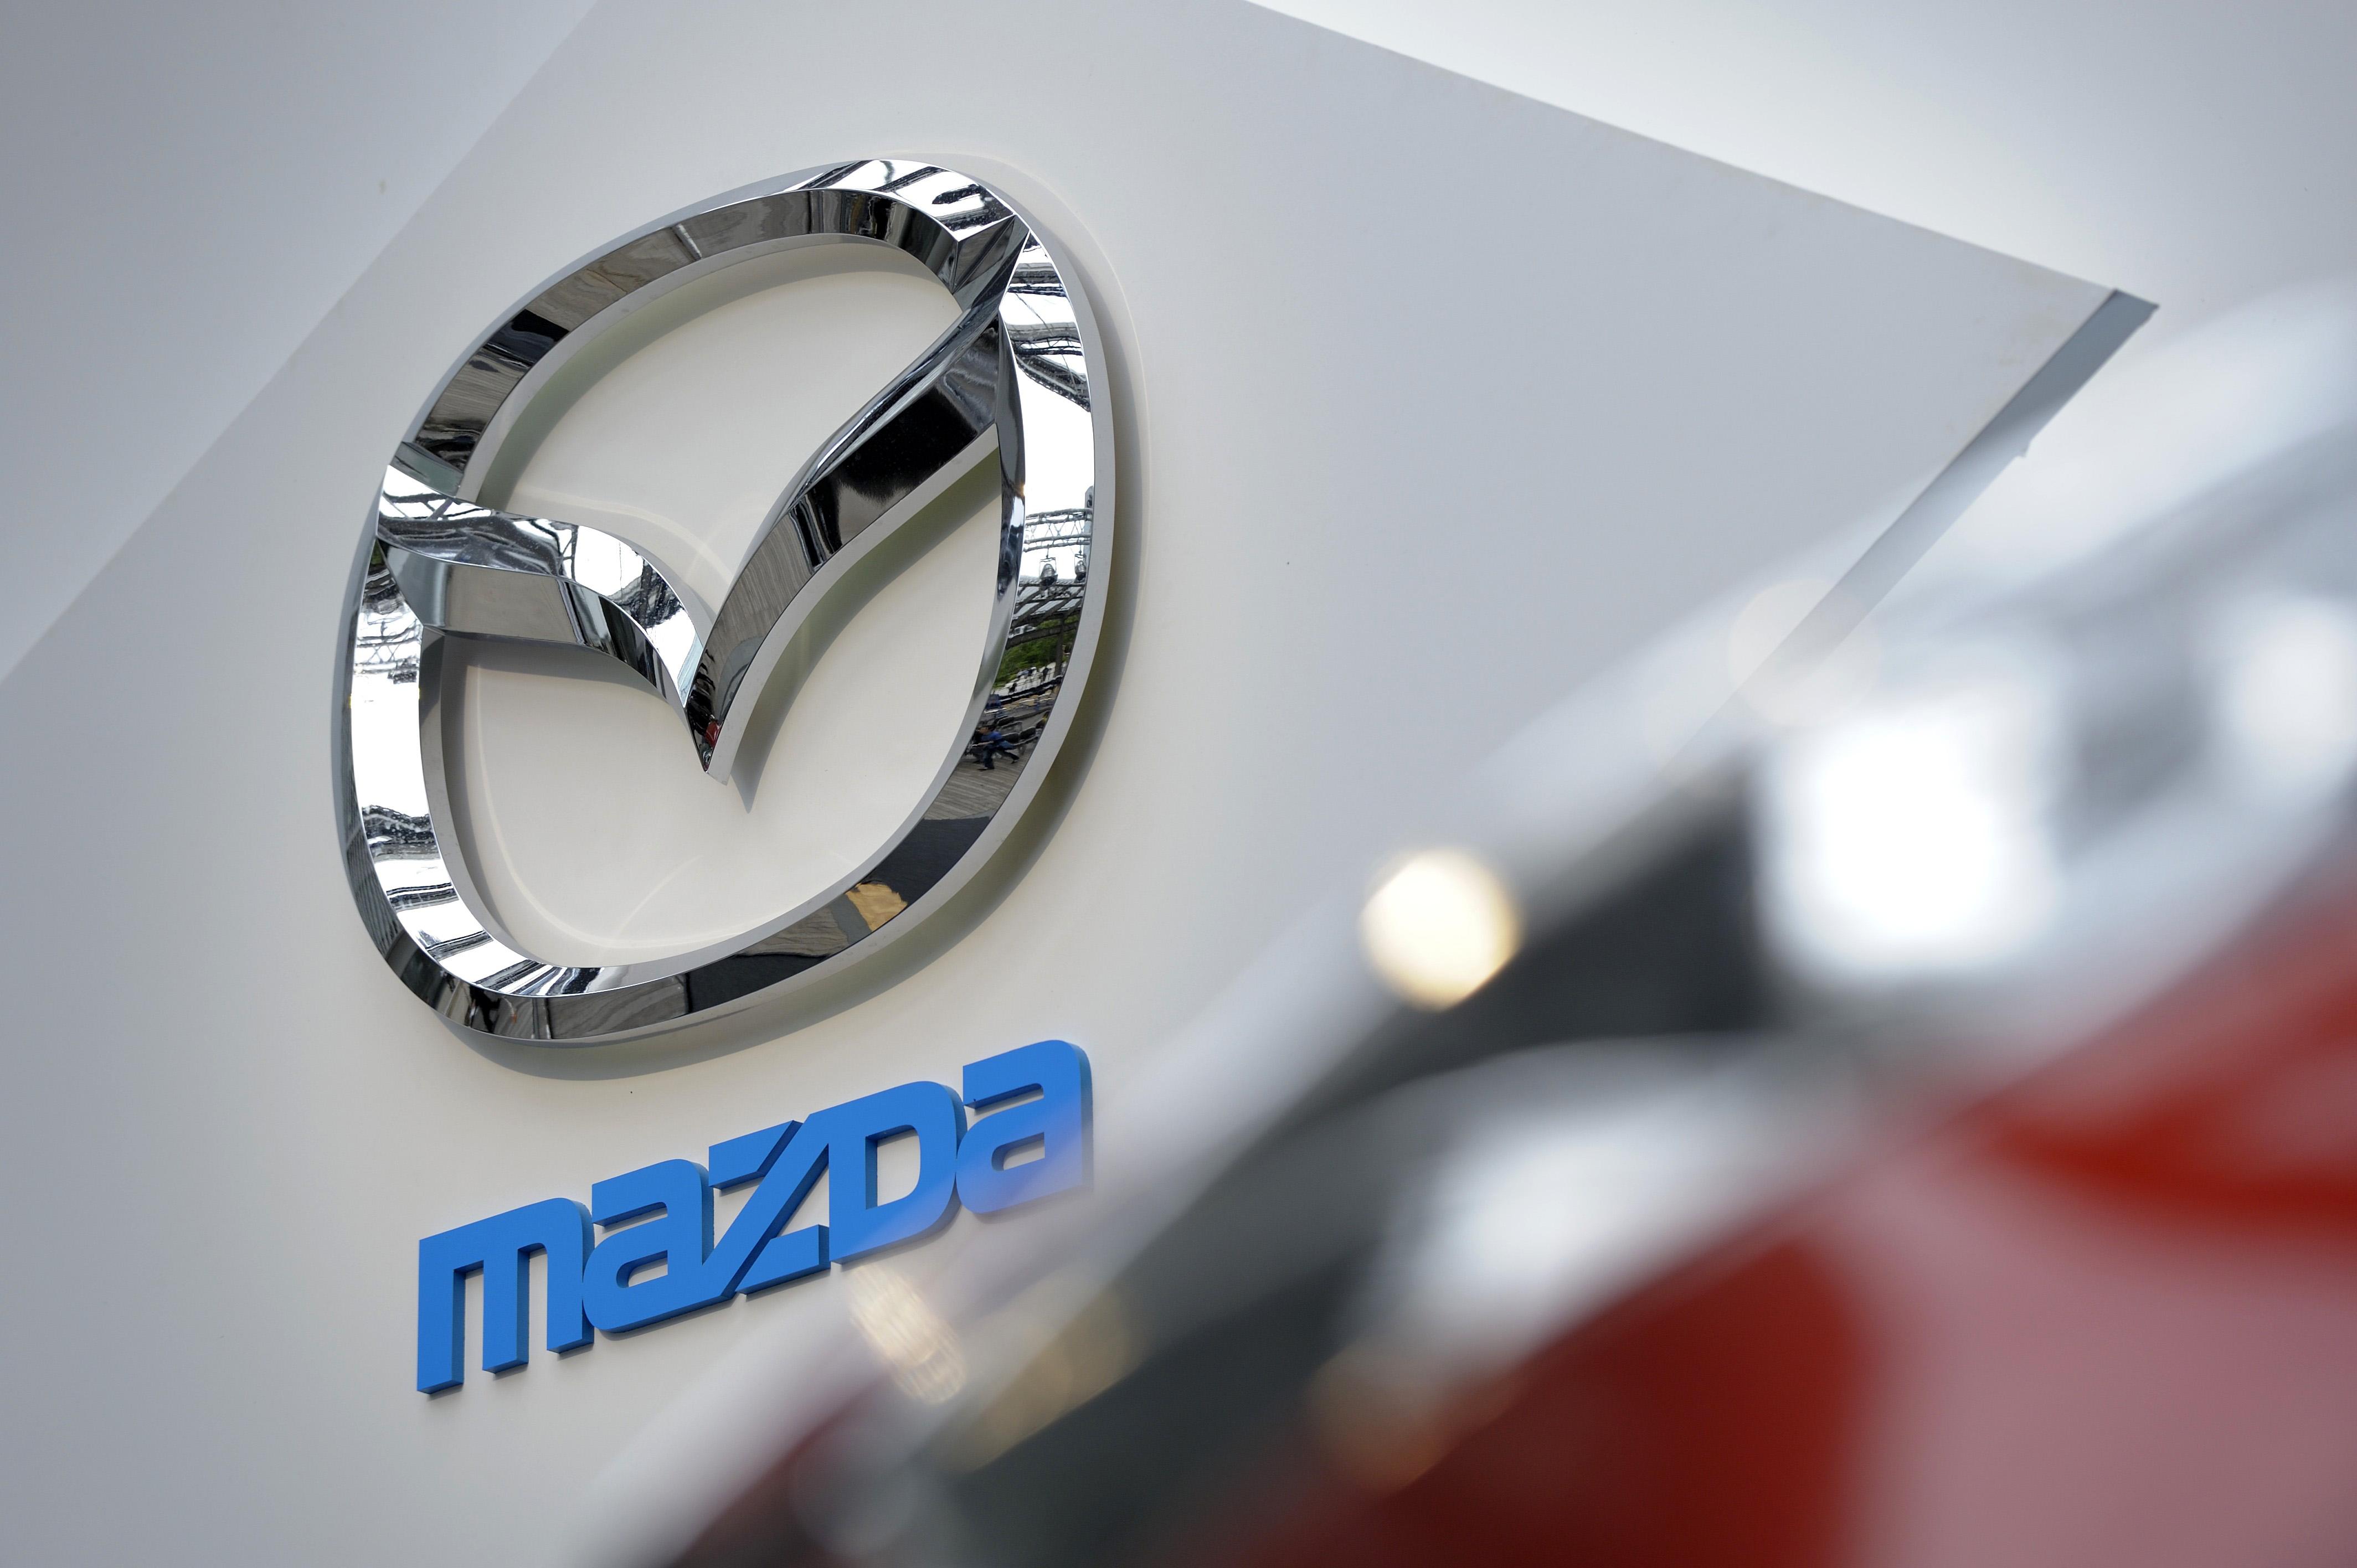 Mazda President Takashi Yamanouchi Attends Event On Skyactive Engine